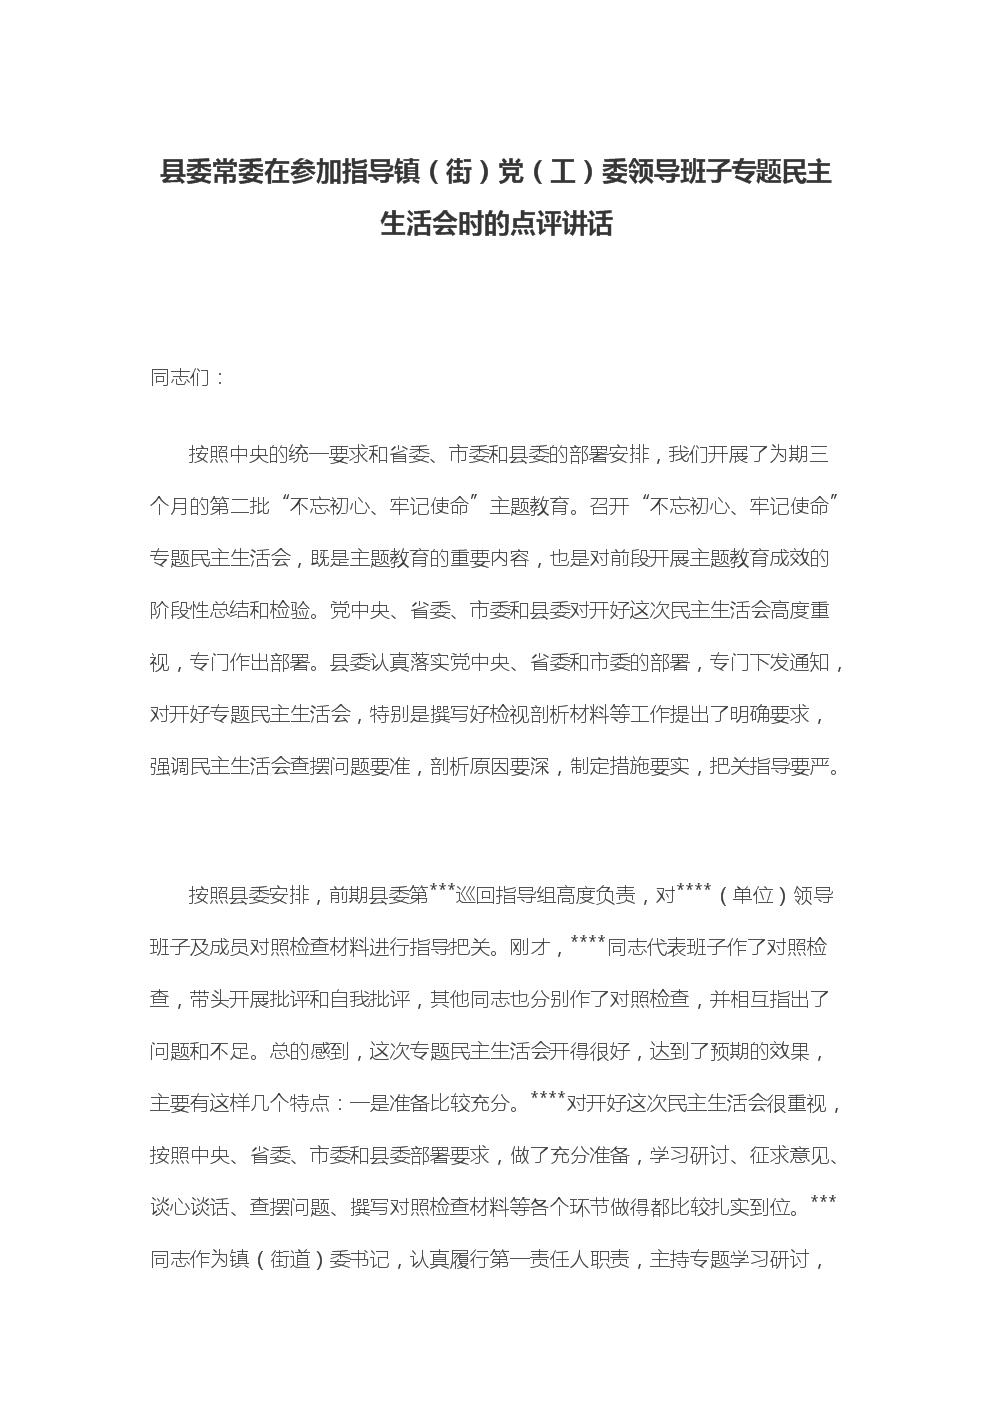 县委常委在参加指导镇(街)党(工)委领导班子专题生活会时的点评讲话.docx